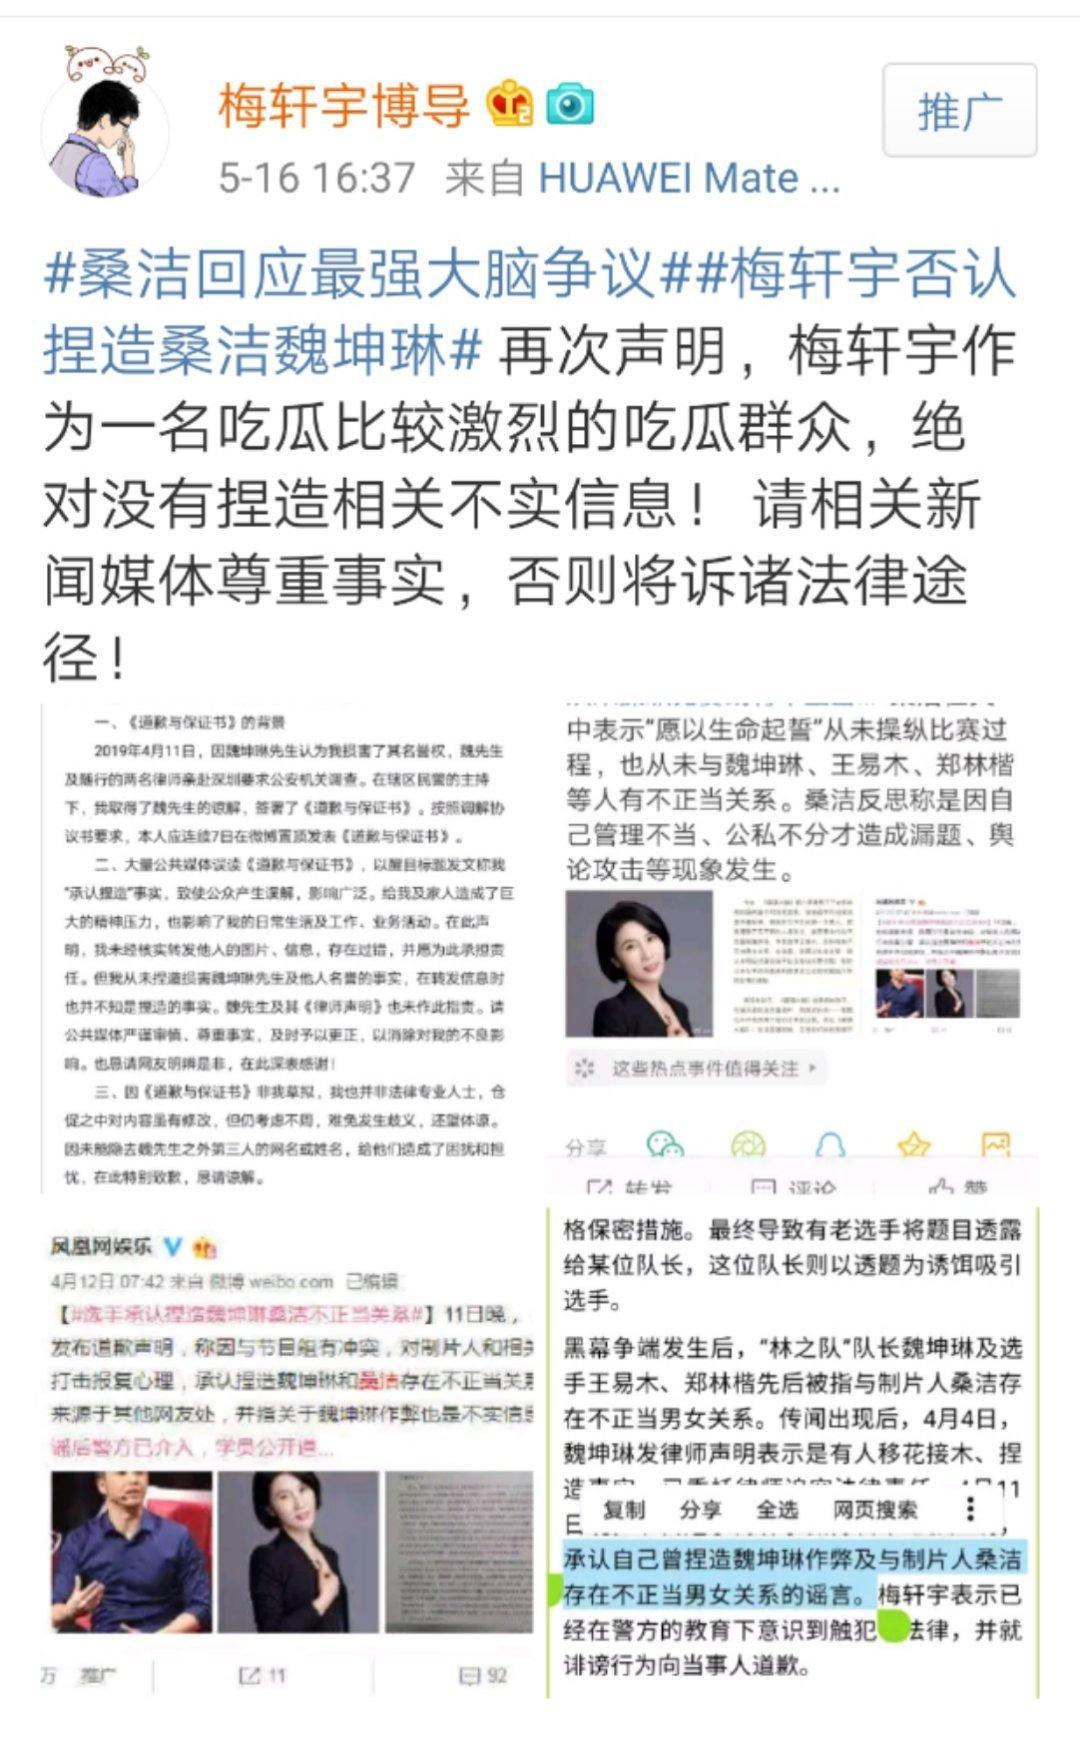 @梅轩宇博导 发道歉信后梅轩宇再发文,称并未捏造